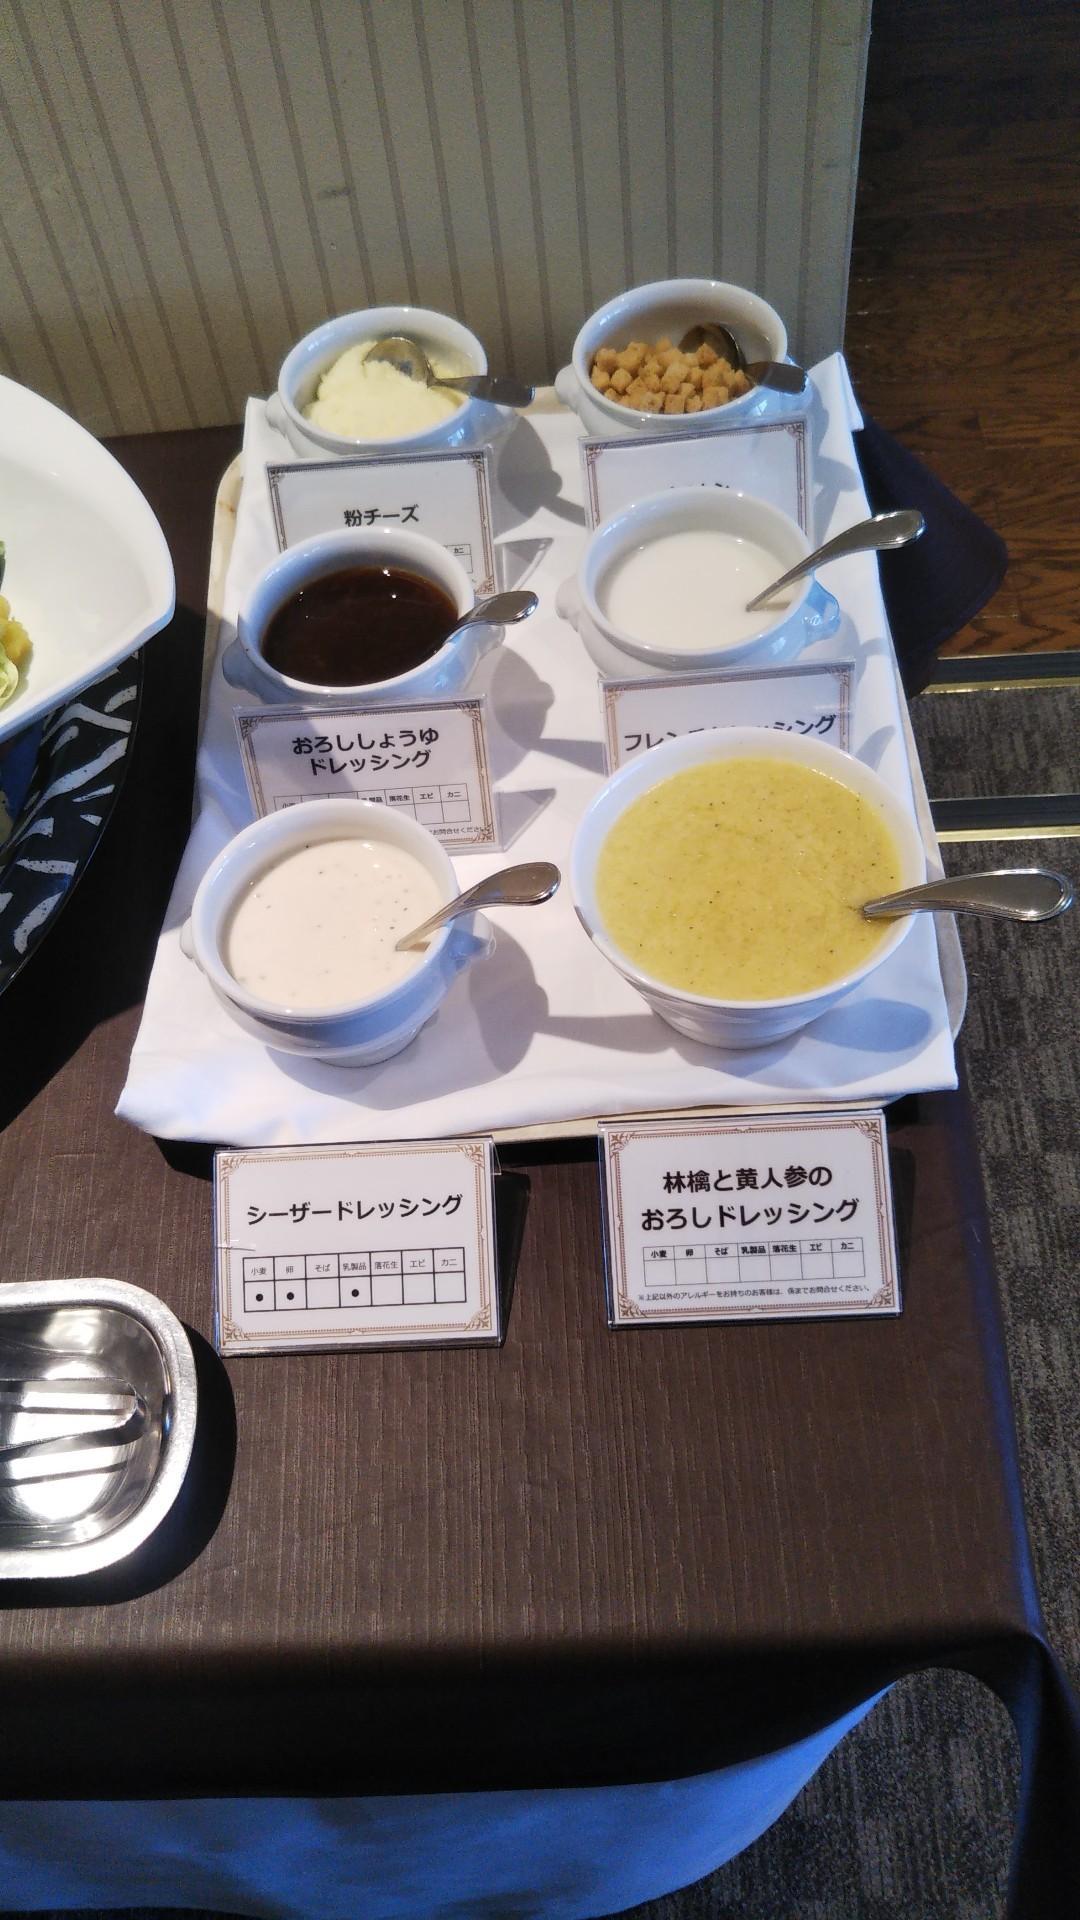 川崎日航ホテル 夜間飛行 チョコレートスイーツブッフェ_f0076001_22182849.jpg